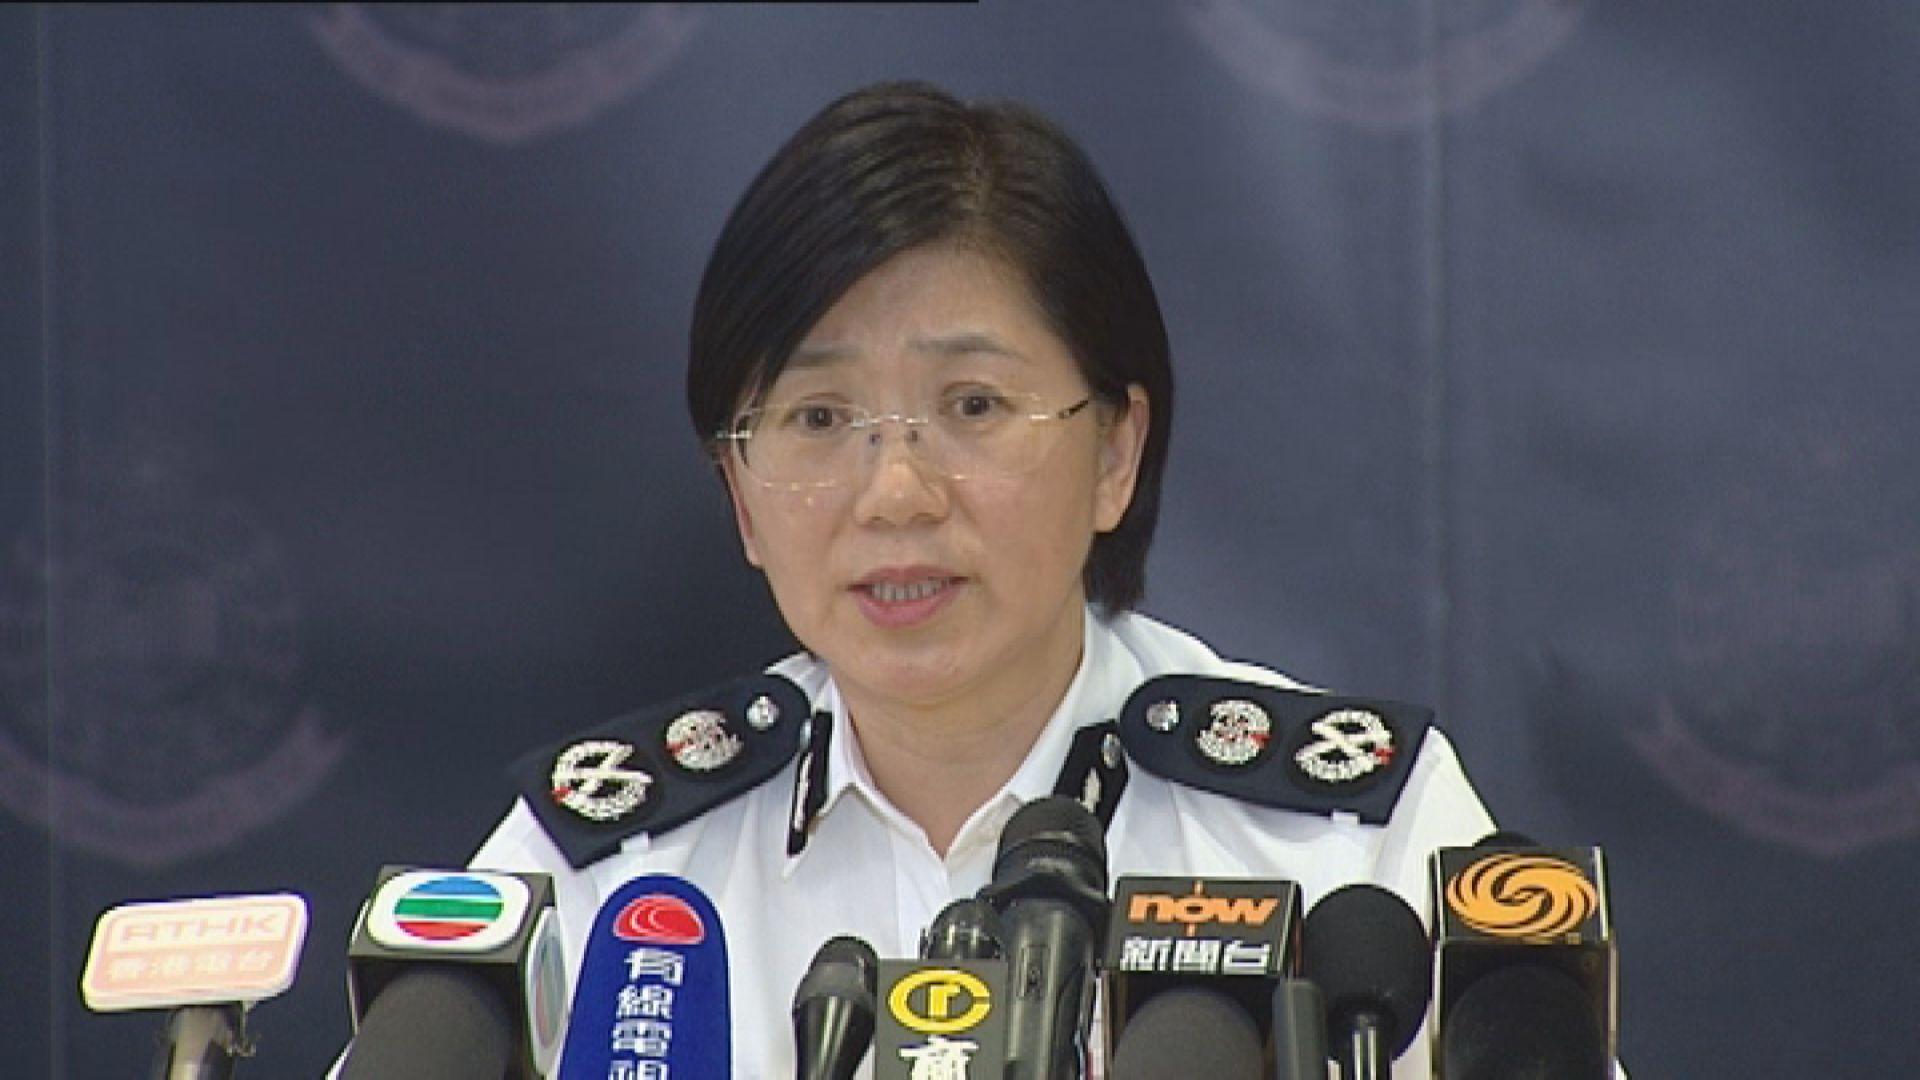 據了解警務處副處長趙慧賢接替任申訴專員